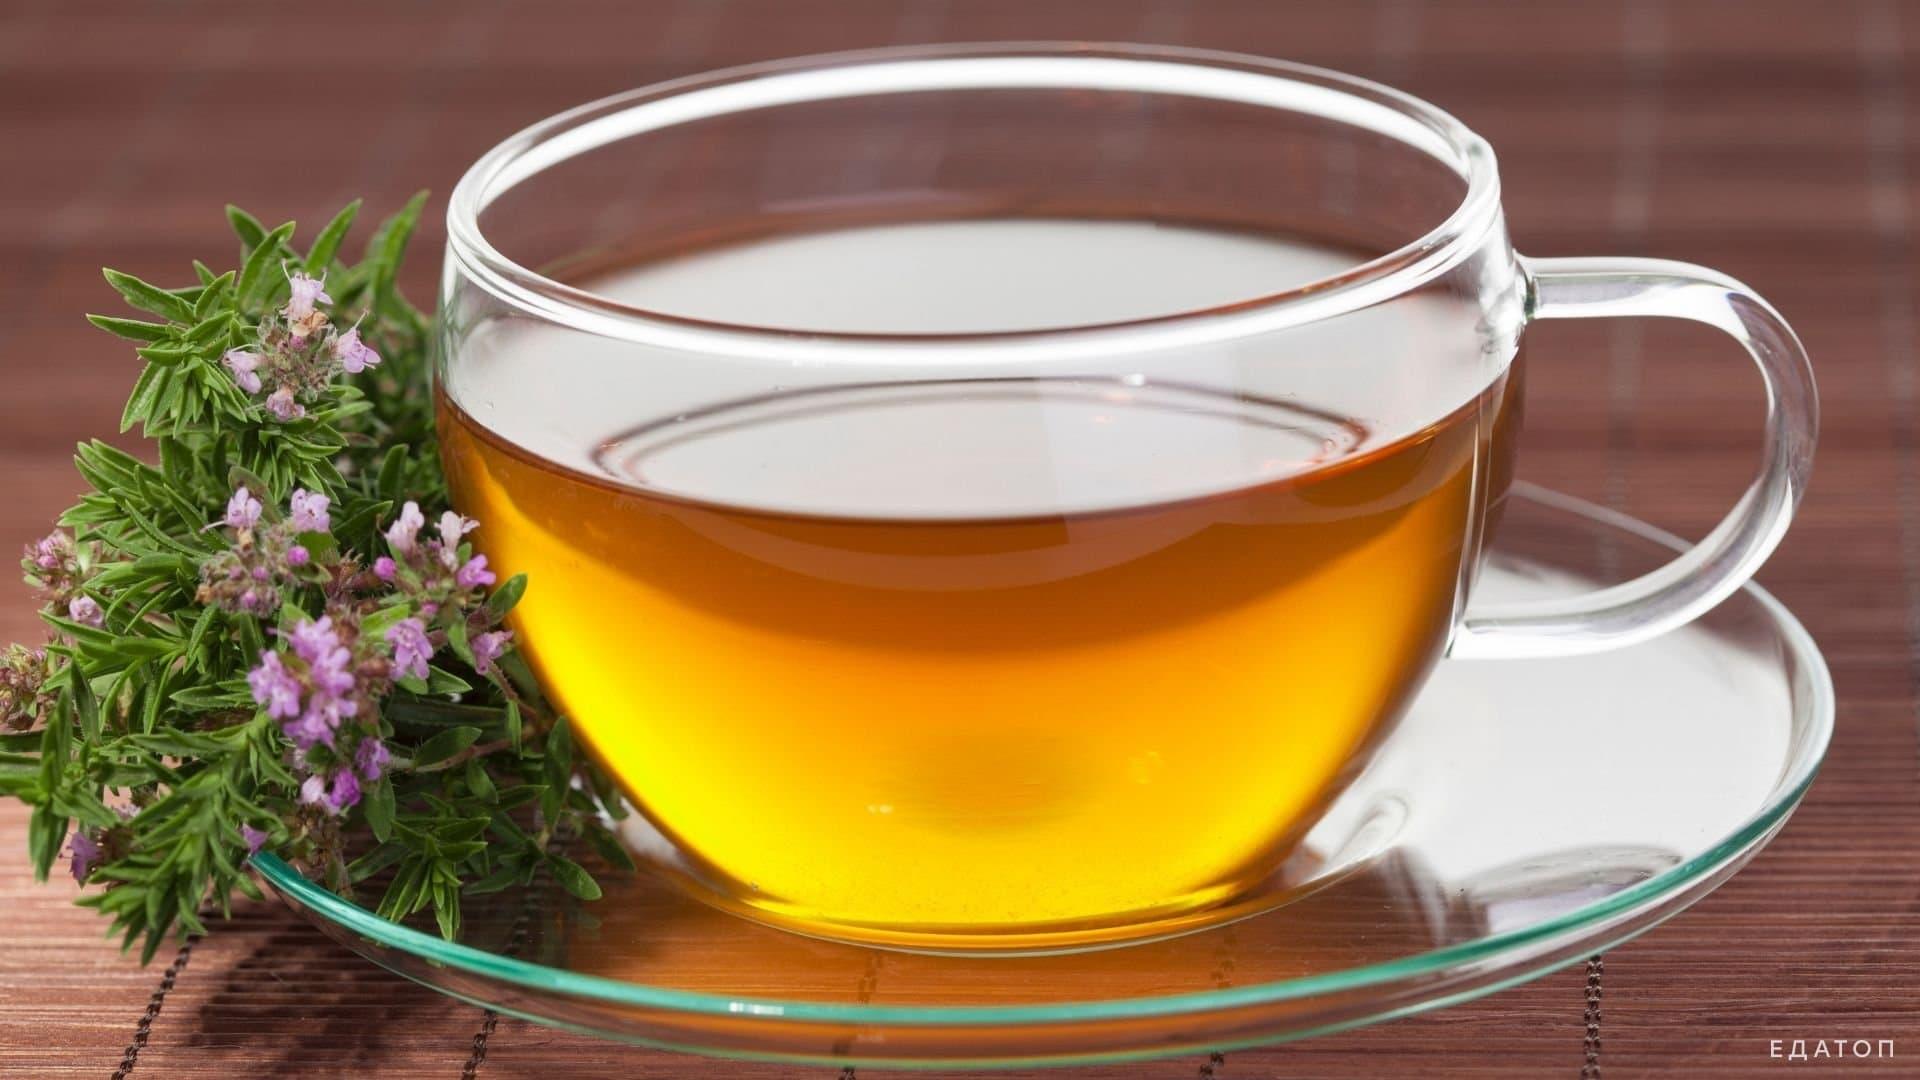 Чай С Чабрецом При Беременности Можно Ли - описание